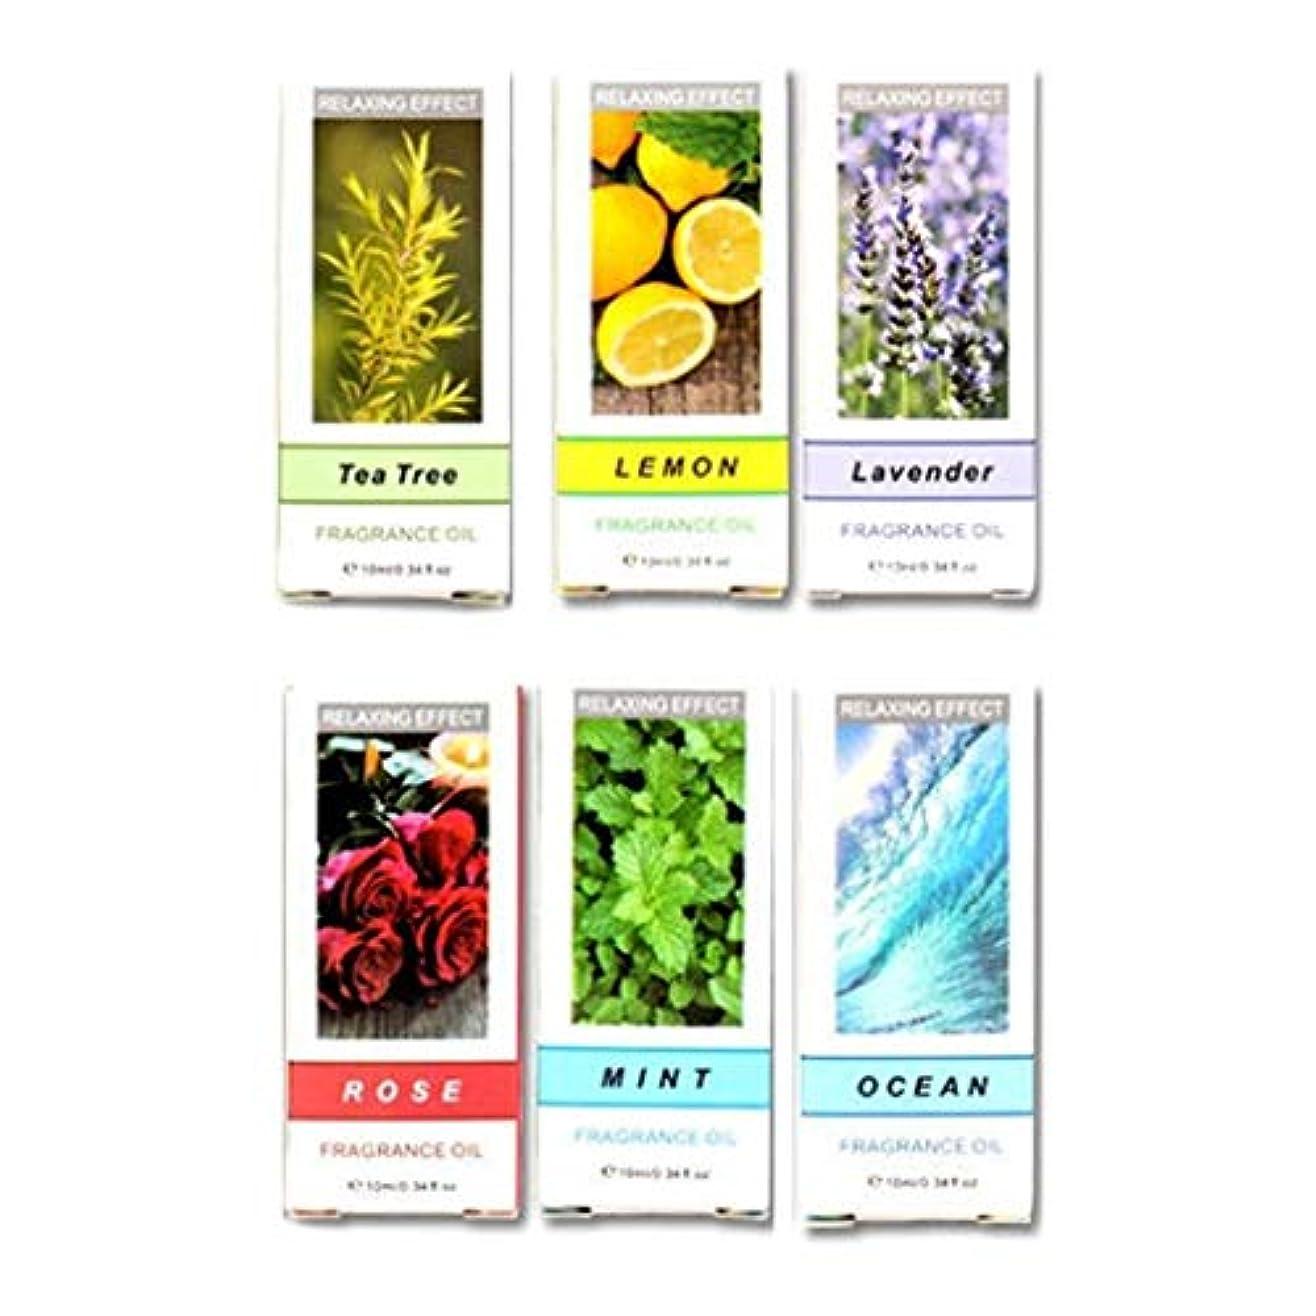 コークス相談採用Nerhaily アロマオイルセット 100%純正 エッセンシャルオイル 厳選精油 プレゼントに最適 加湿器用 みずみずしく 美しい香り 6個入り